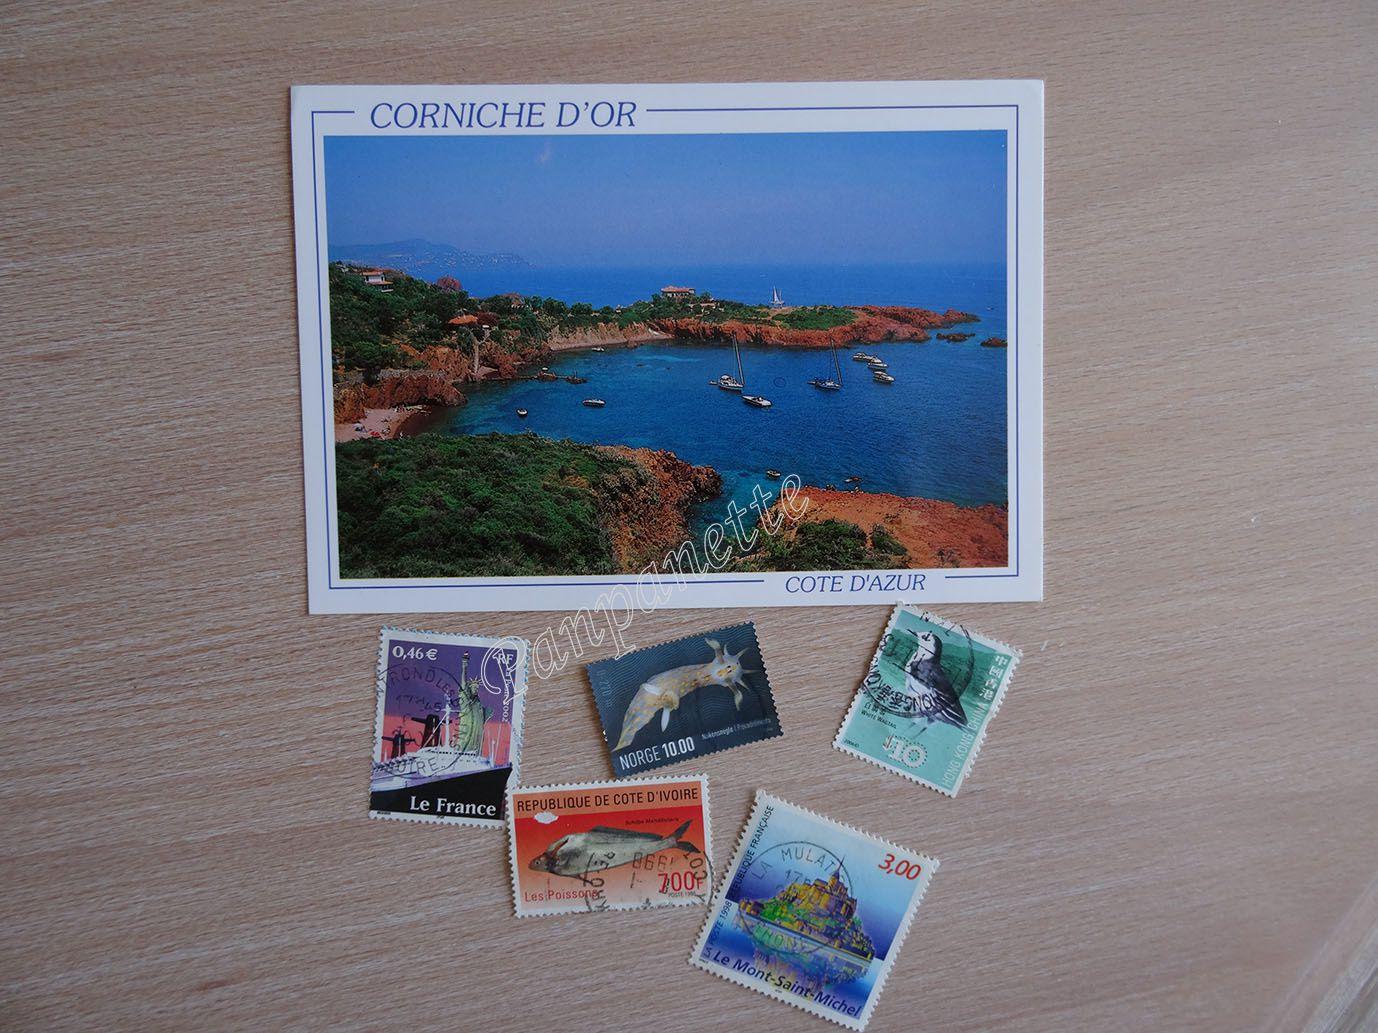 avec des timbres pour ma collection ! ^^